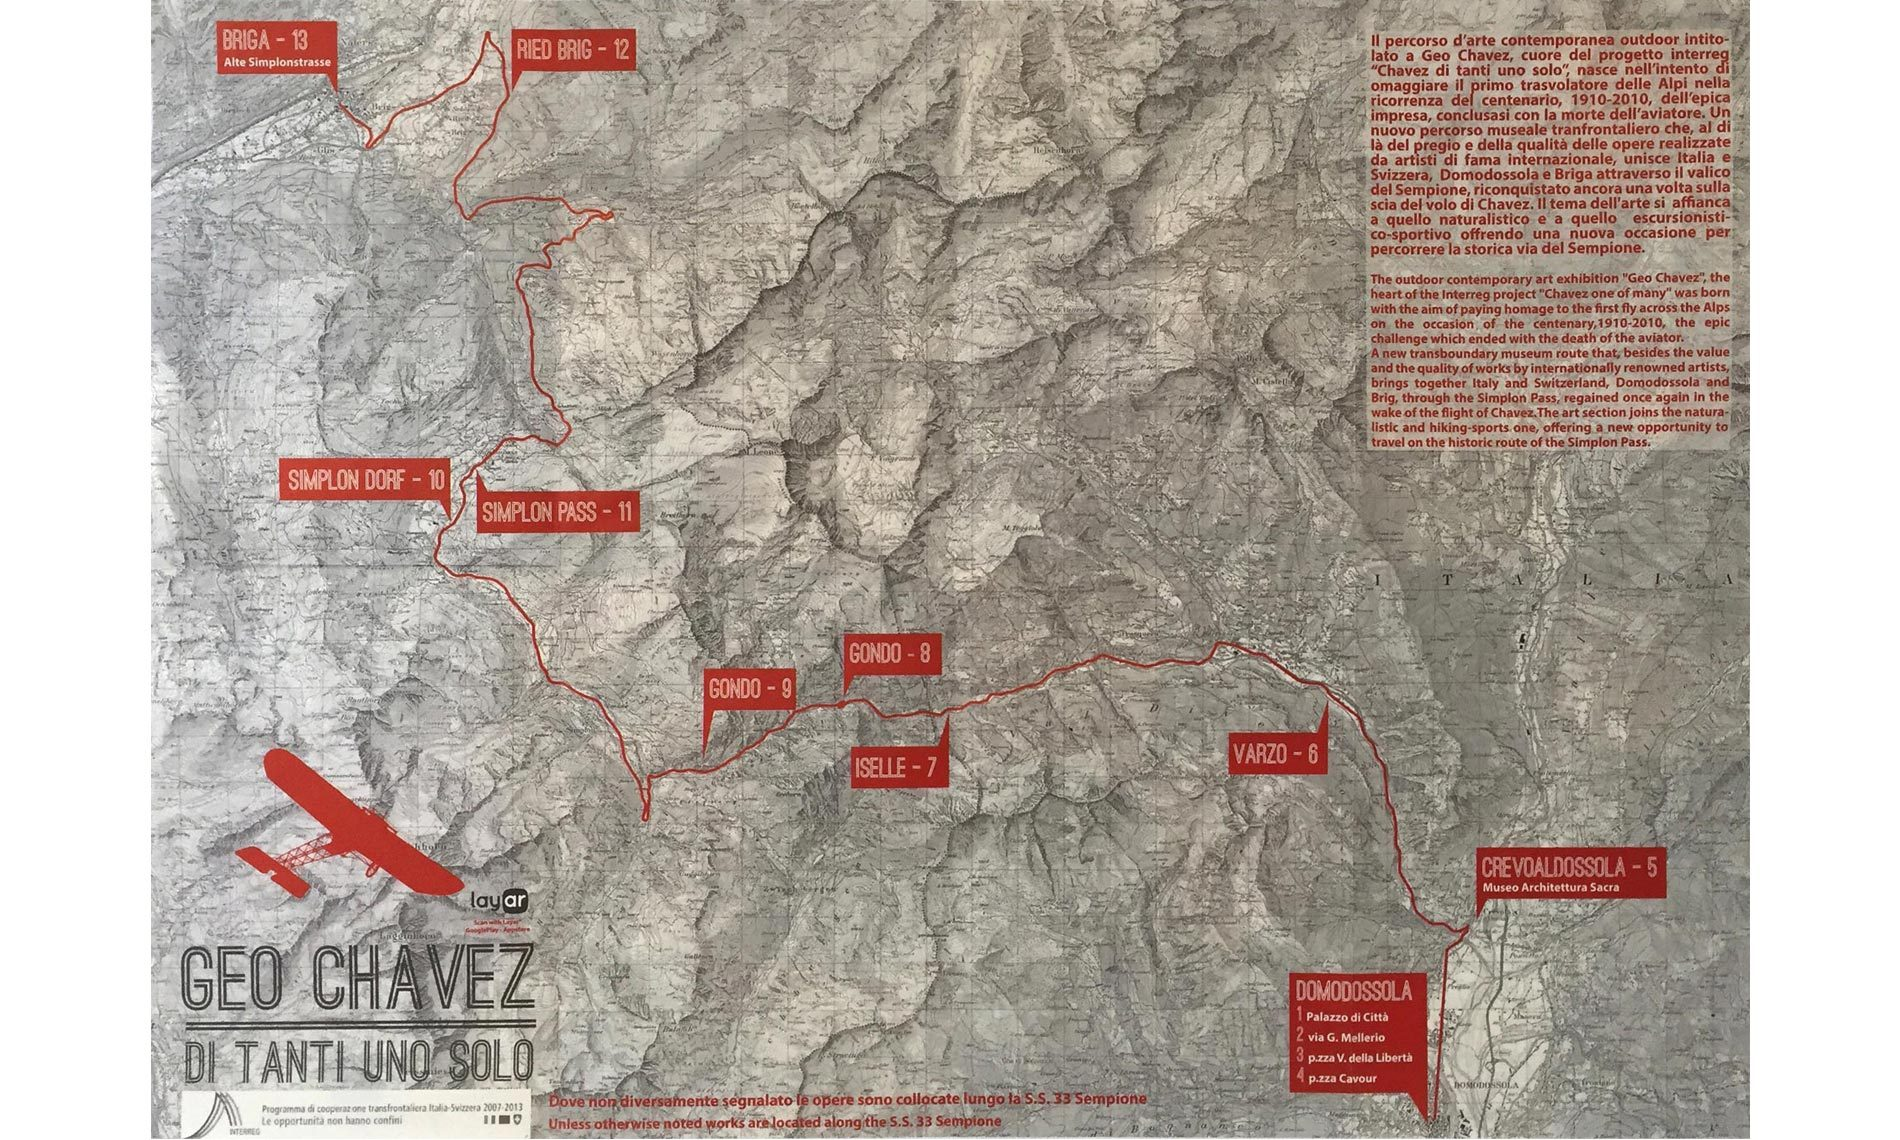 Mappa del percorso outdoor di arte contemporanea